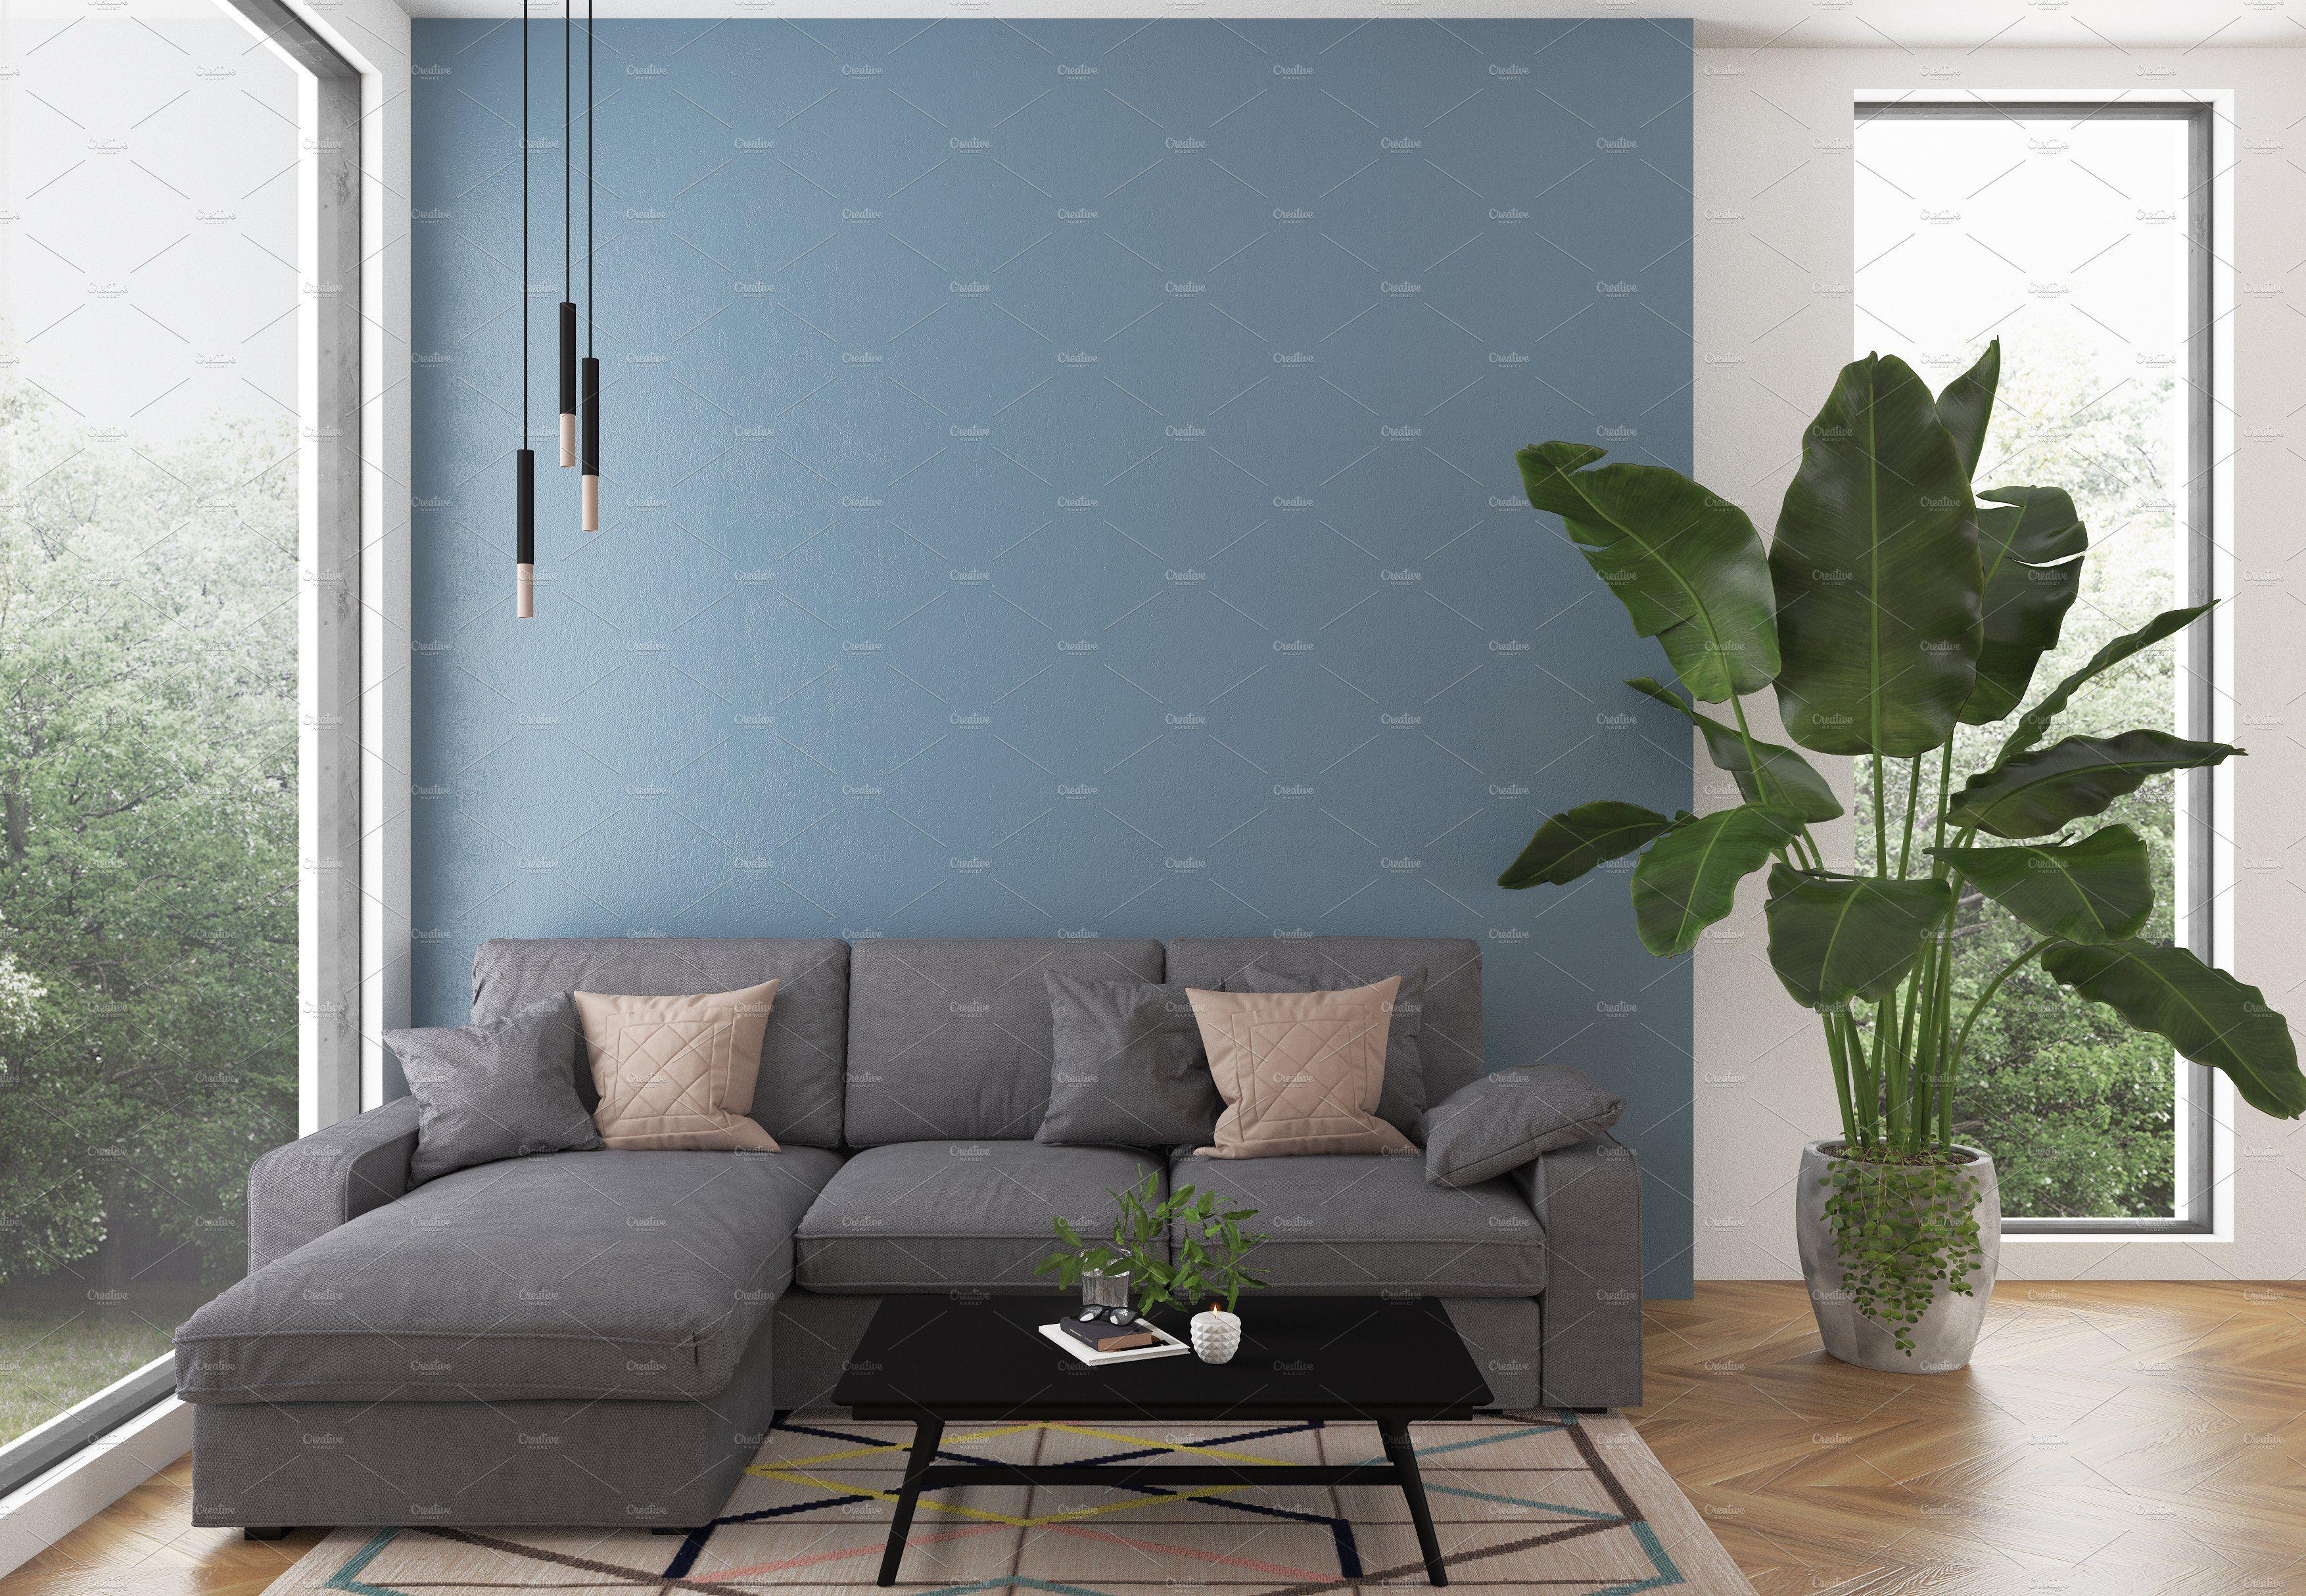 Interior bundle images off highscenesresolutionwebsite